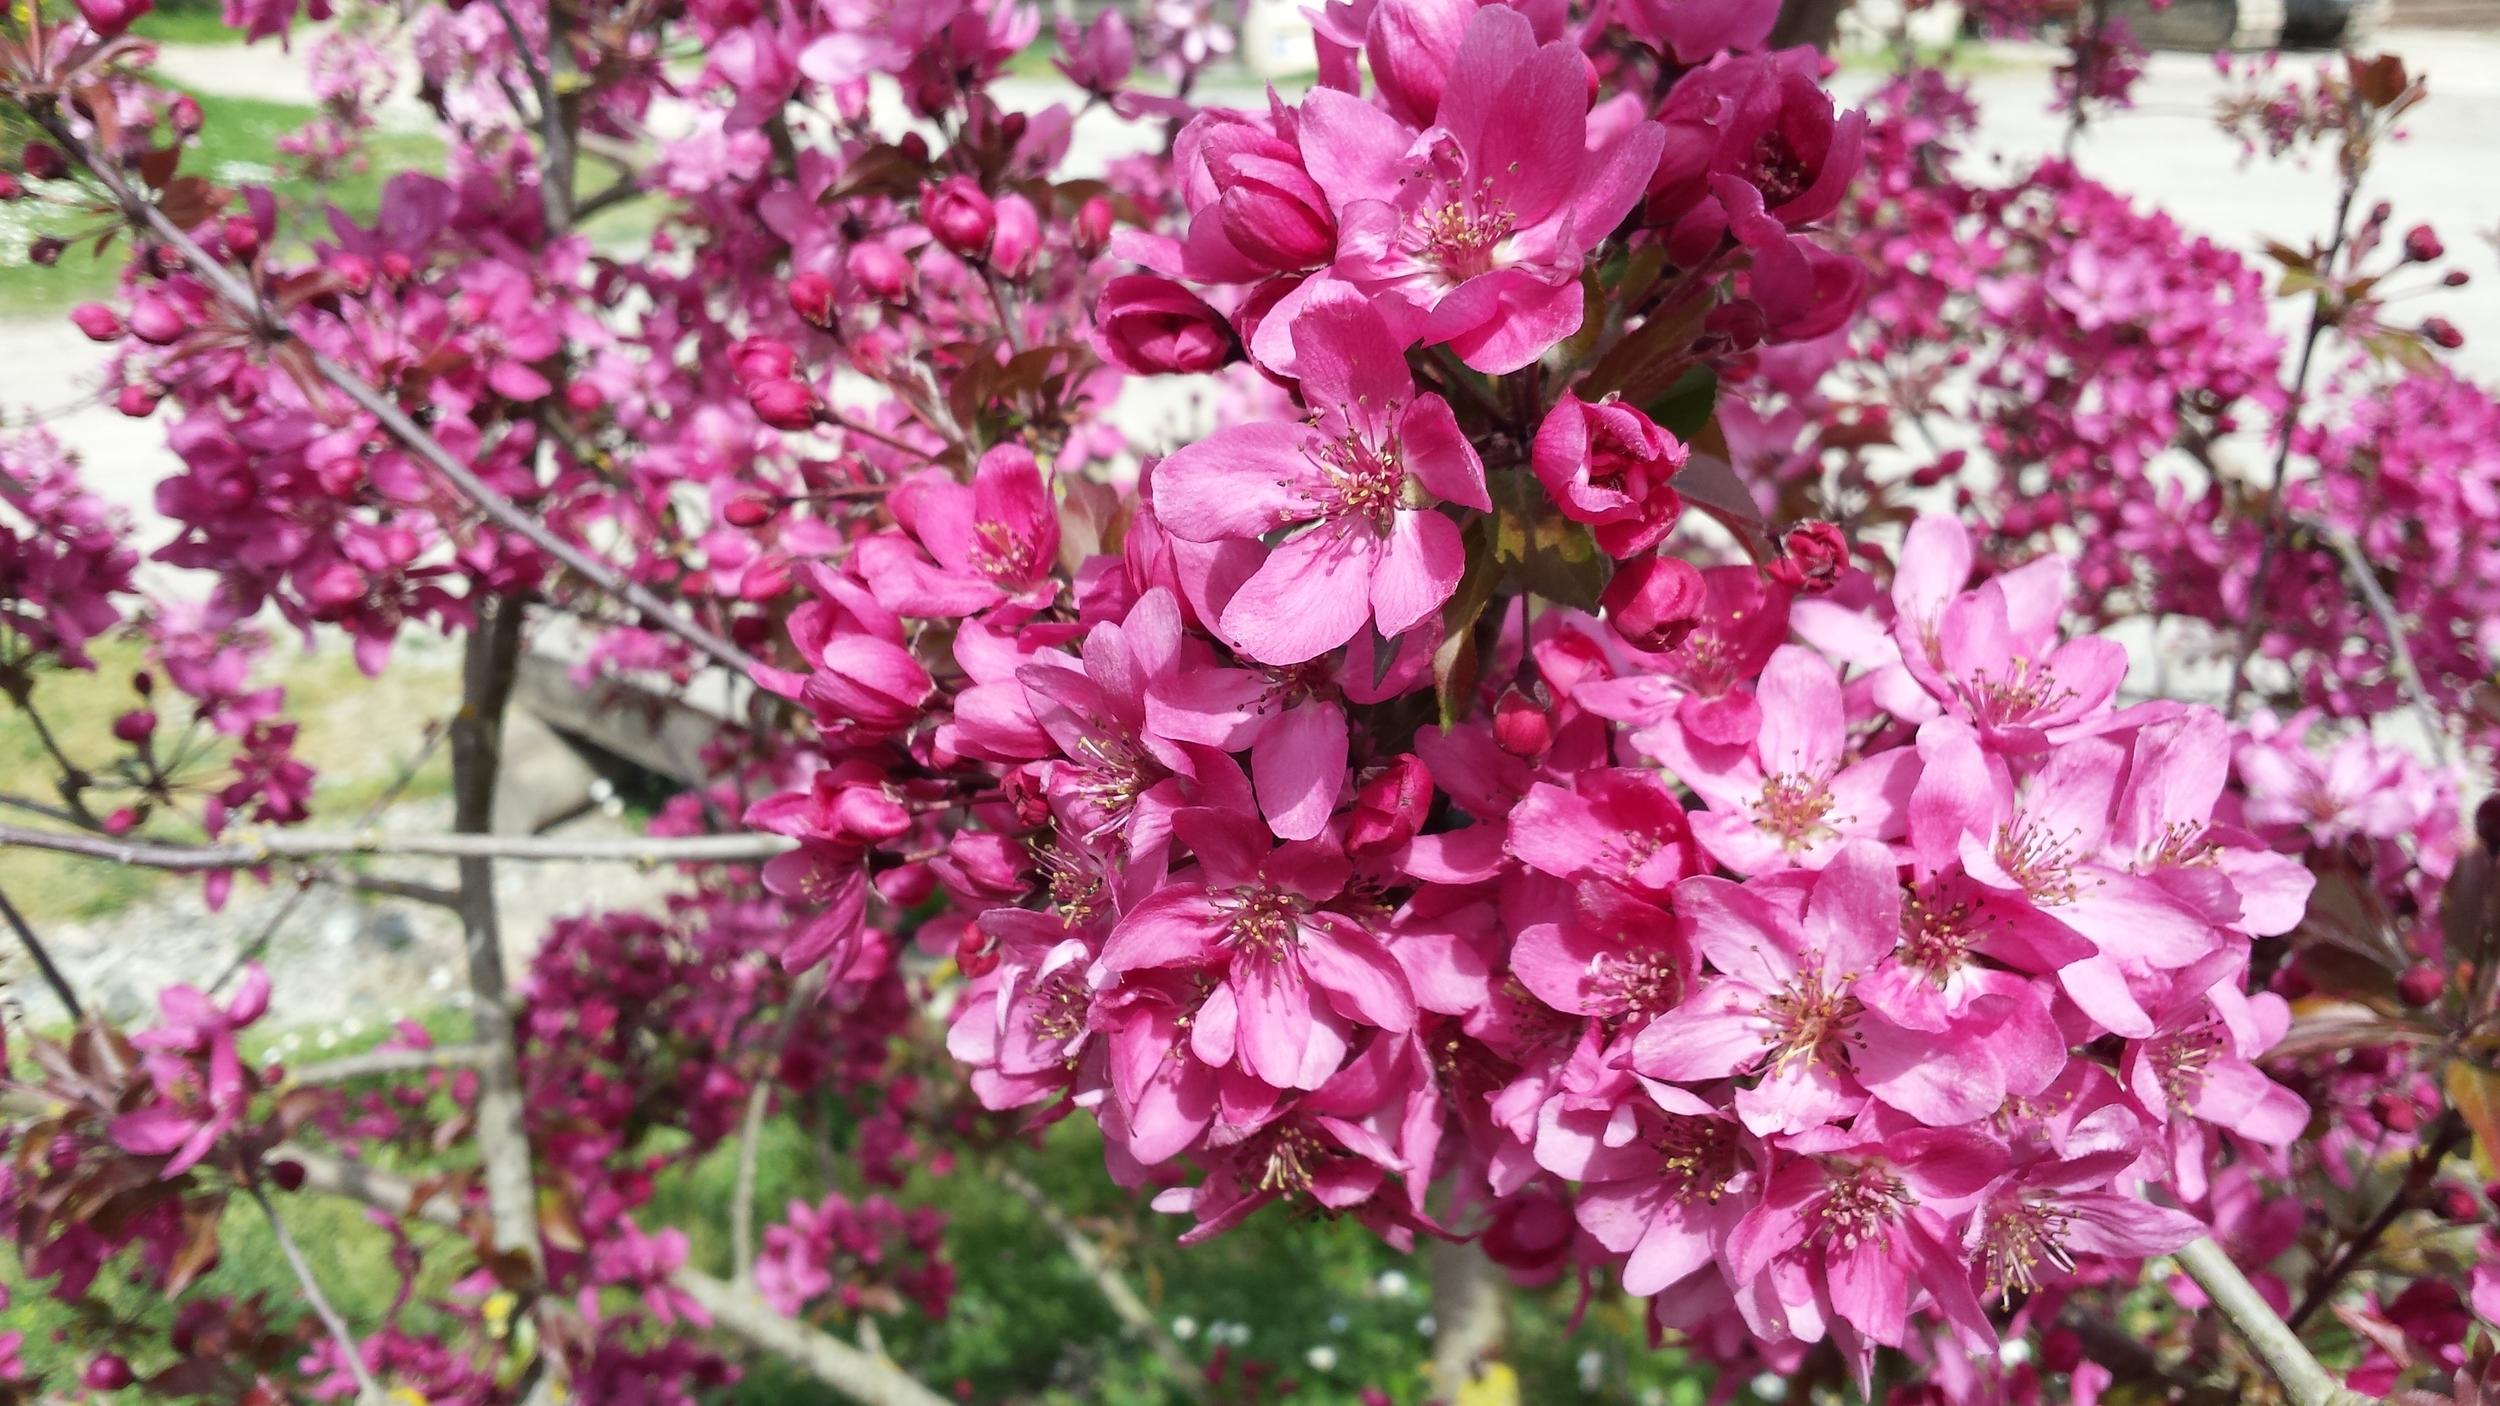 Pink crab apple flowers blooming in spring